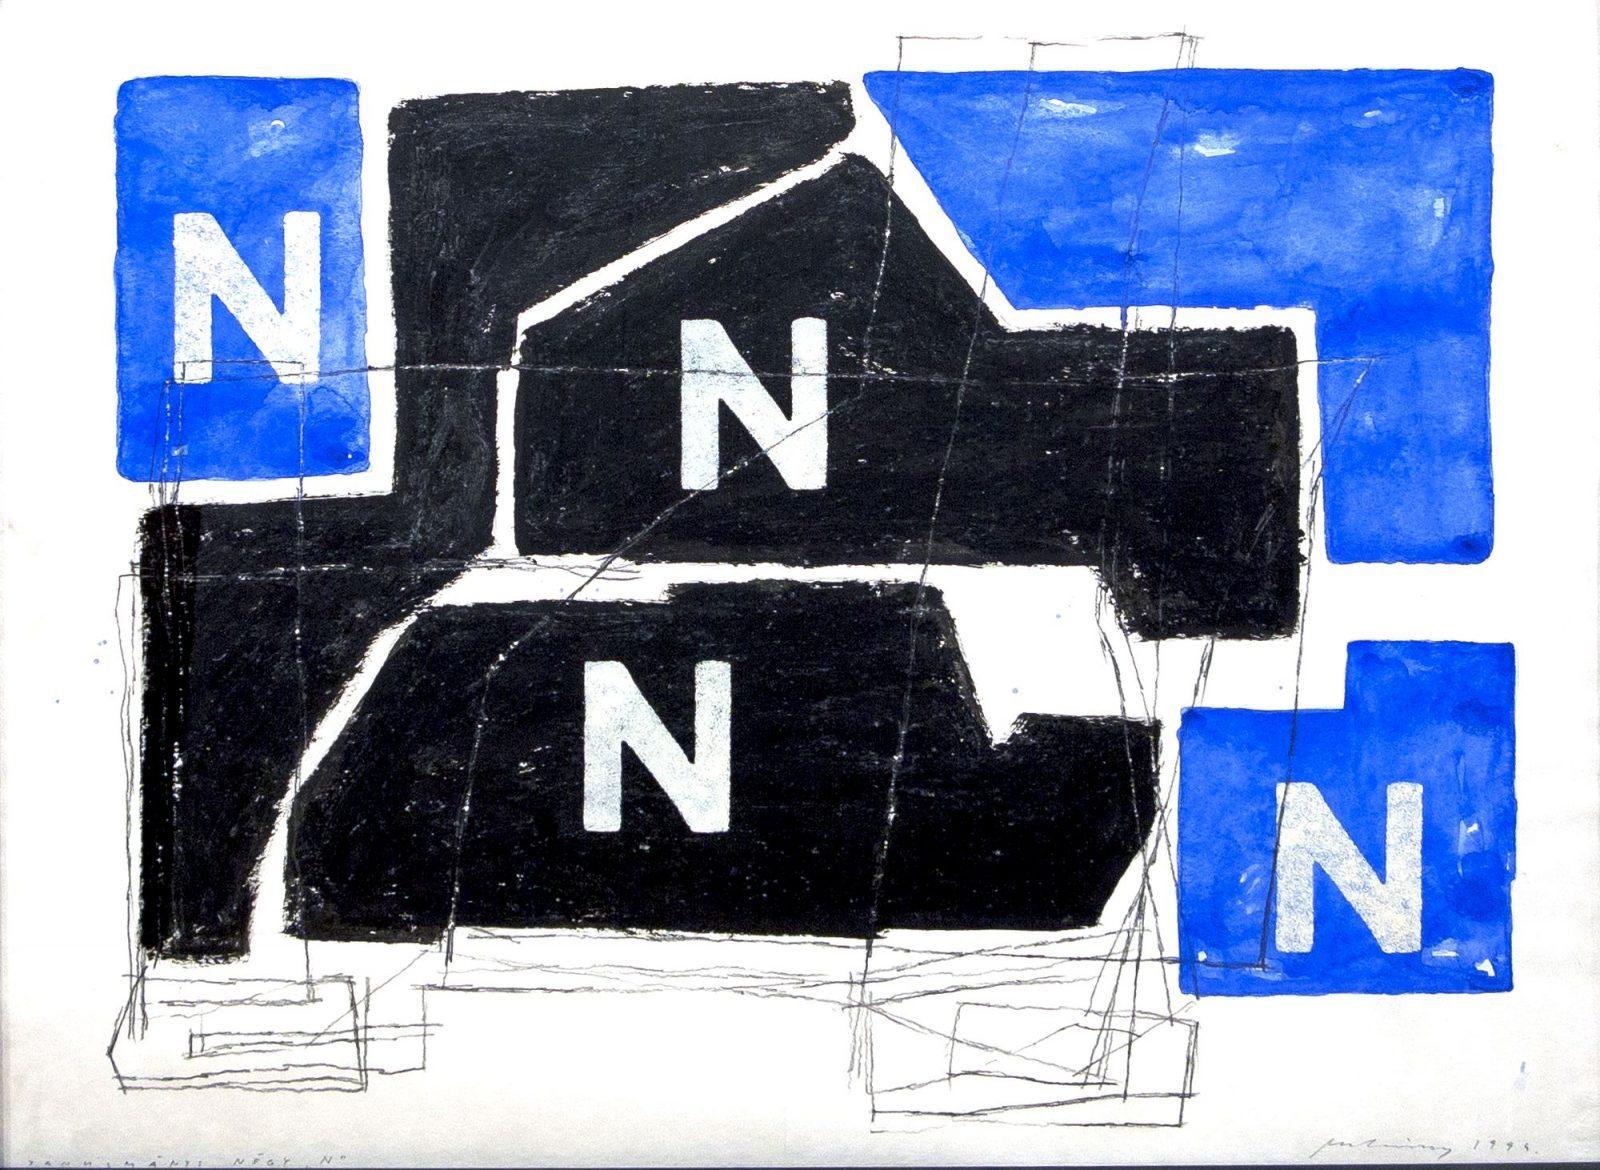 László Mulasics: Study: 4 N